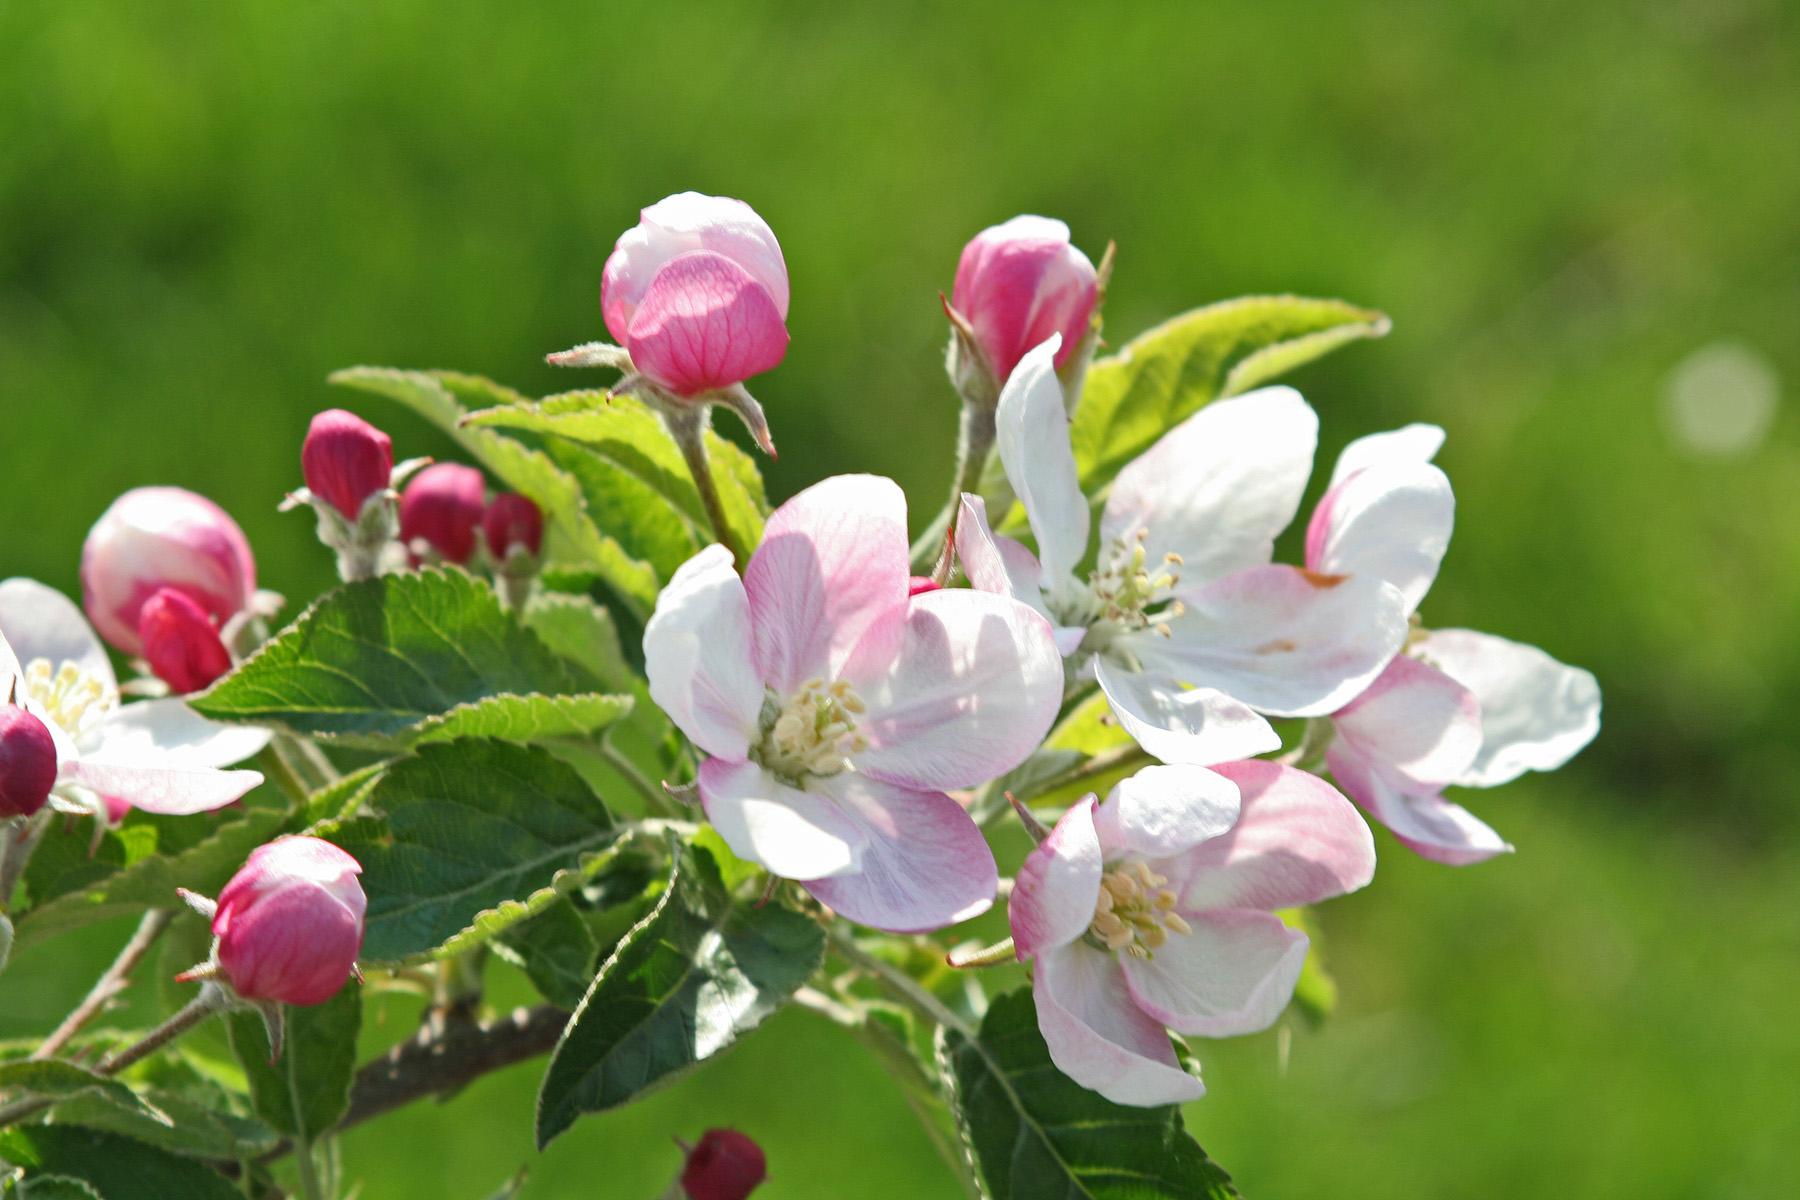 pommiers-vergers-mané-fleurs